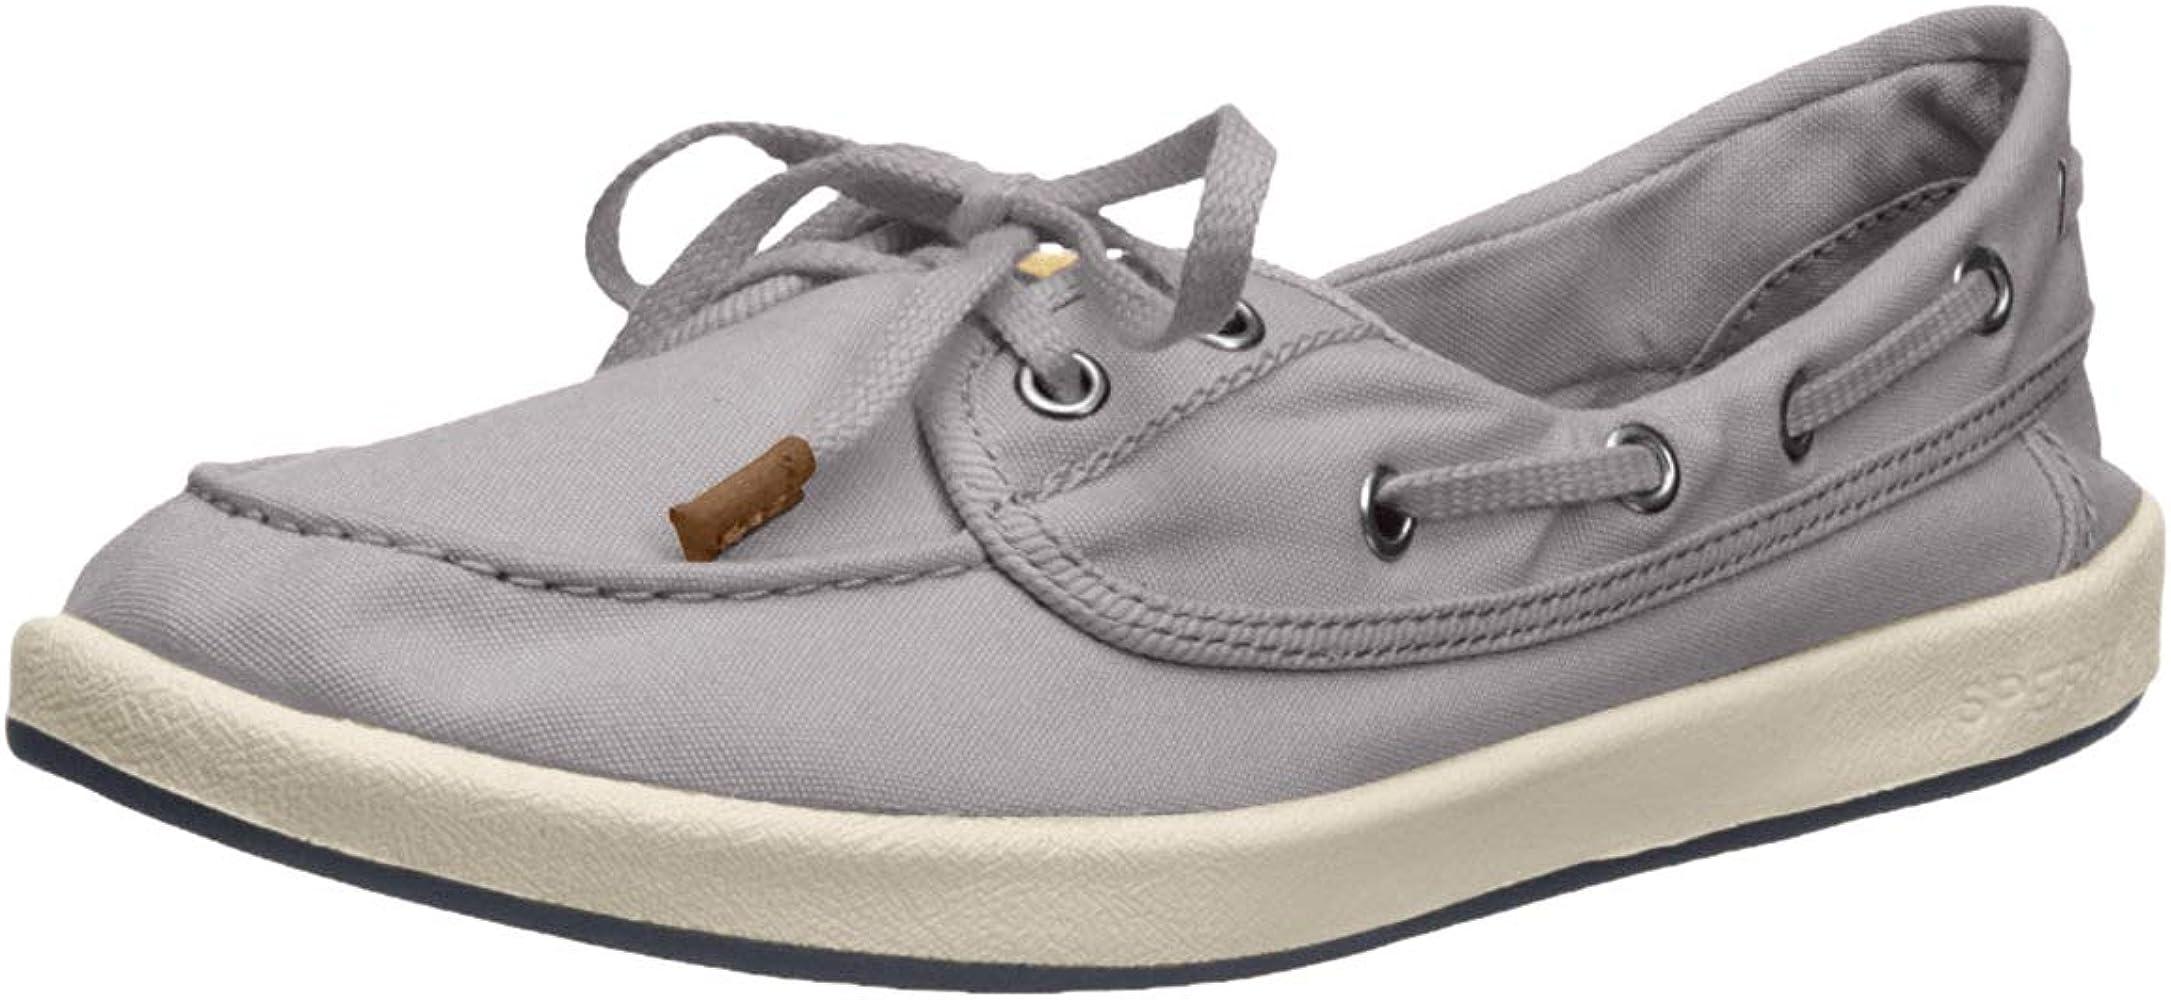 Sperry Women's Drift Hale Sneaker, Grey